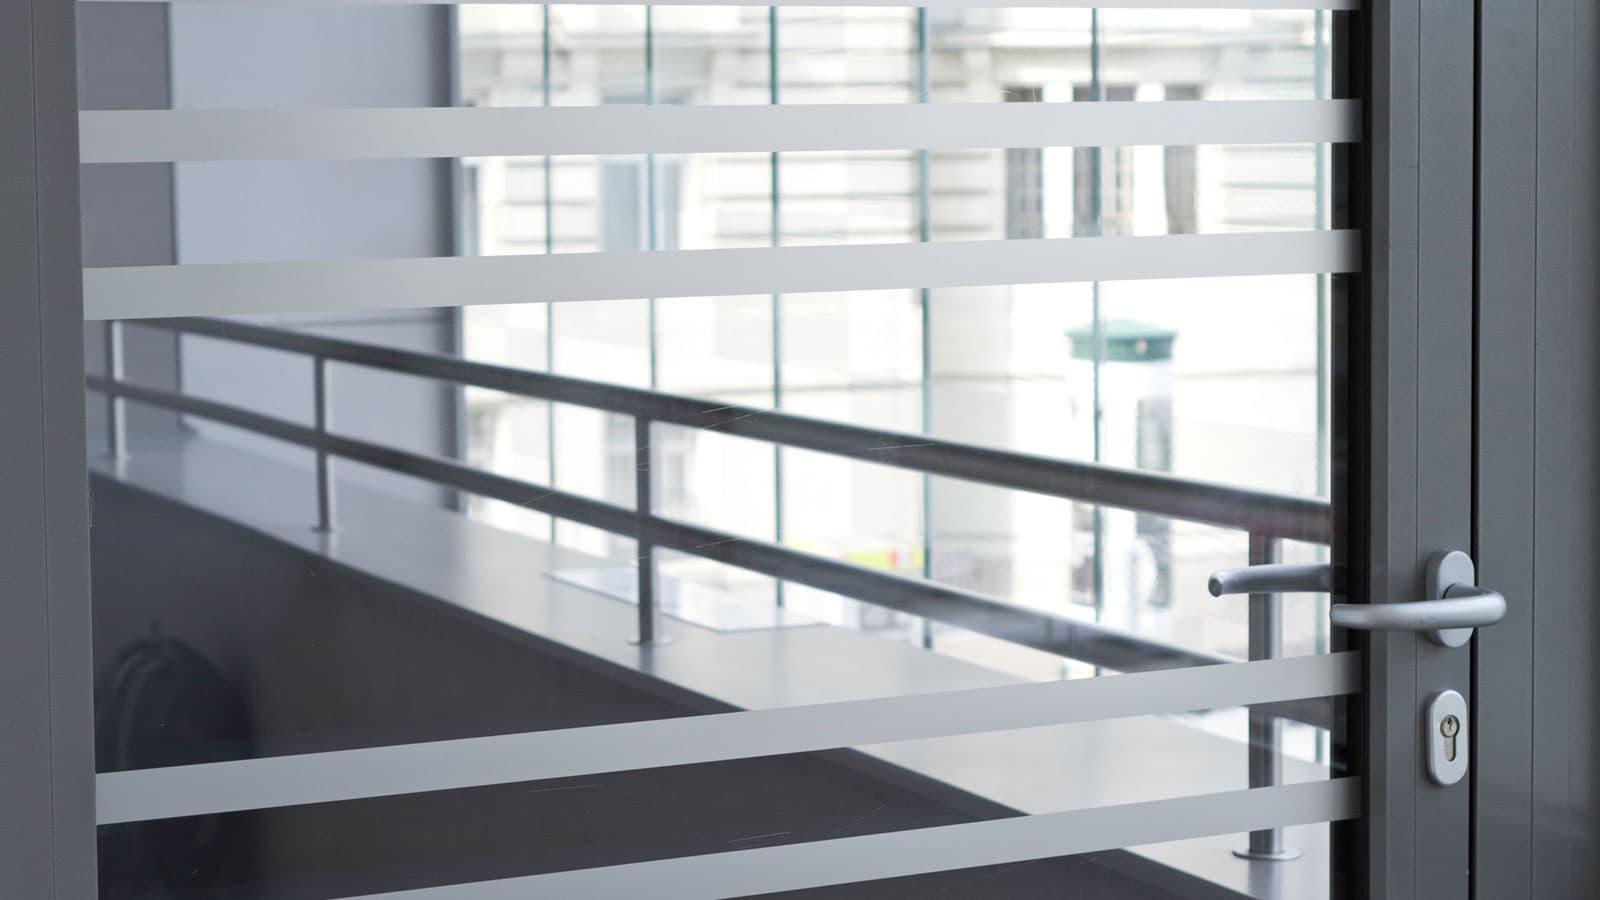 Folienbeklebung, Glasmarkierung mit integrierter Corporate Identity